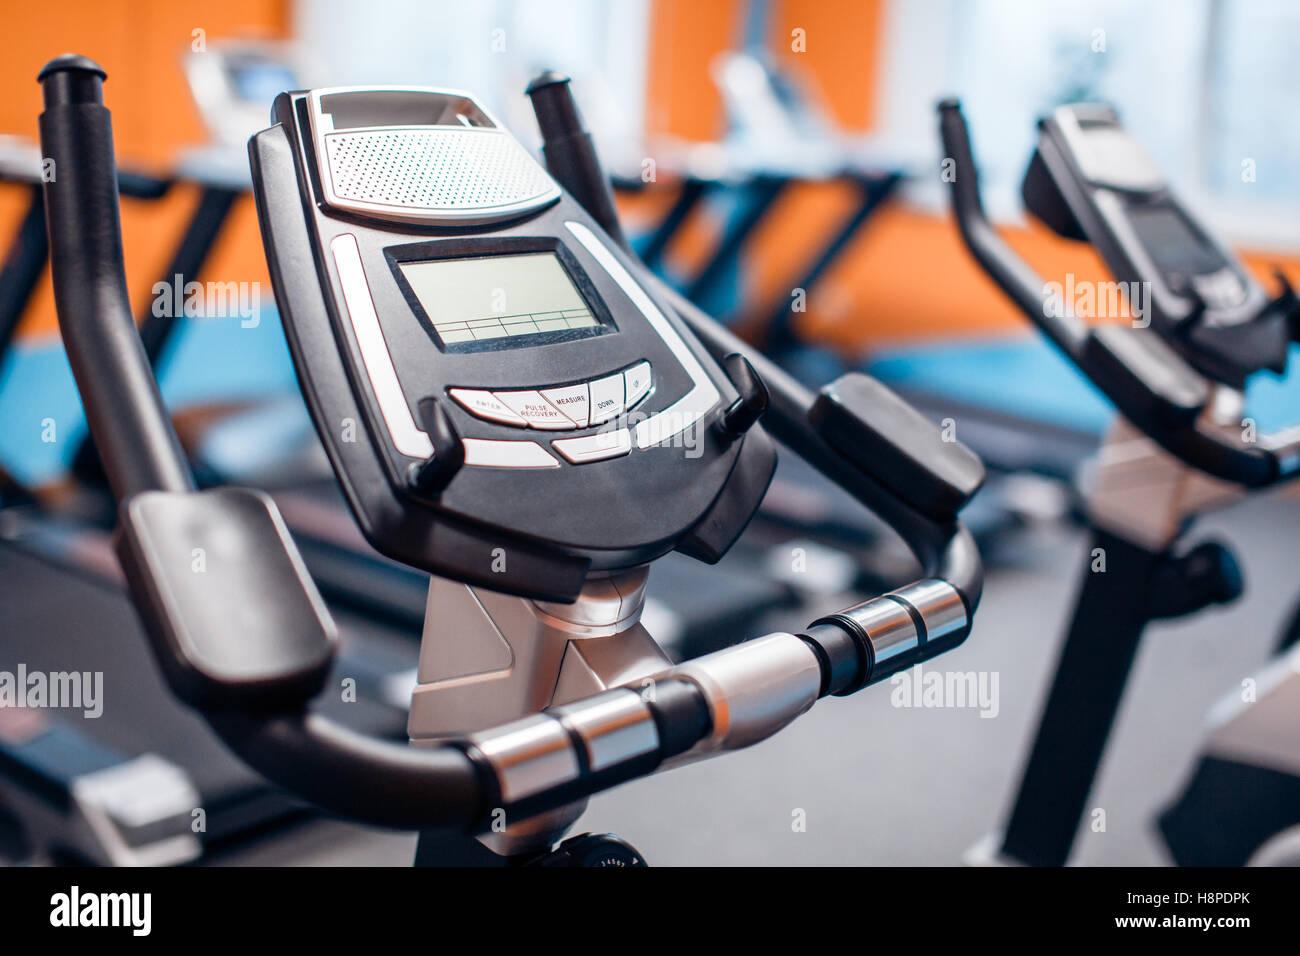 Aeróbic spinning bicicletas de ejercicio gimnasio con muchos en una fila Imagen De Stock